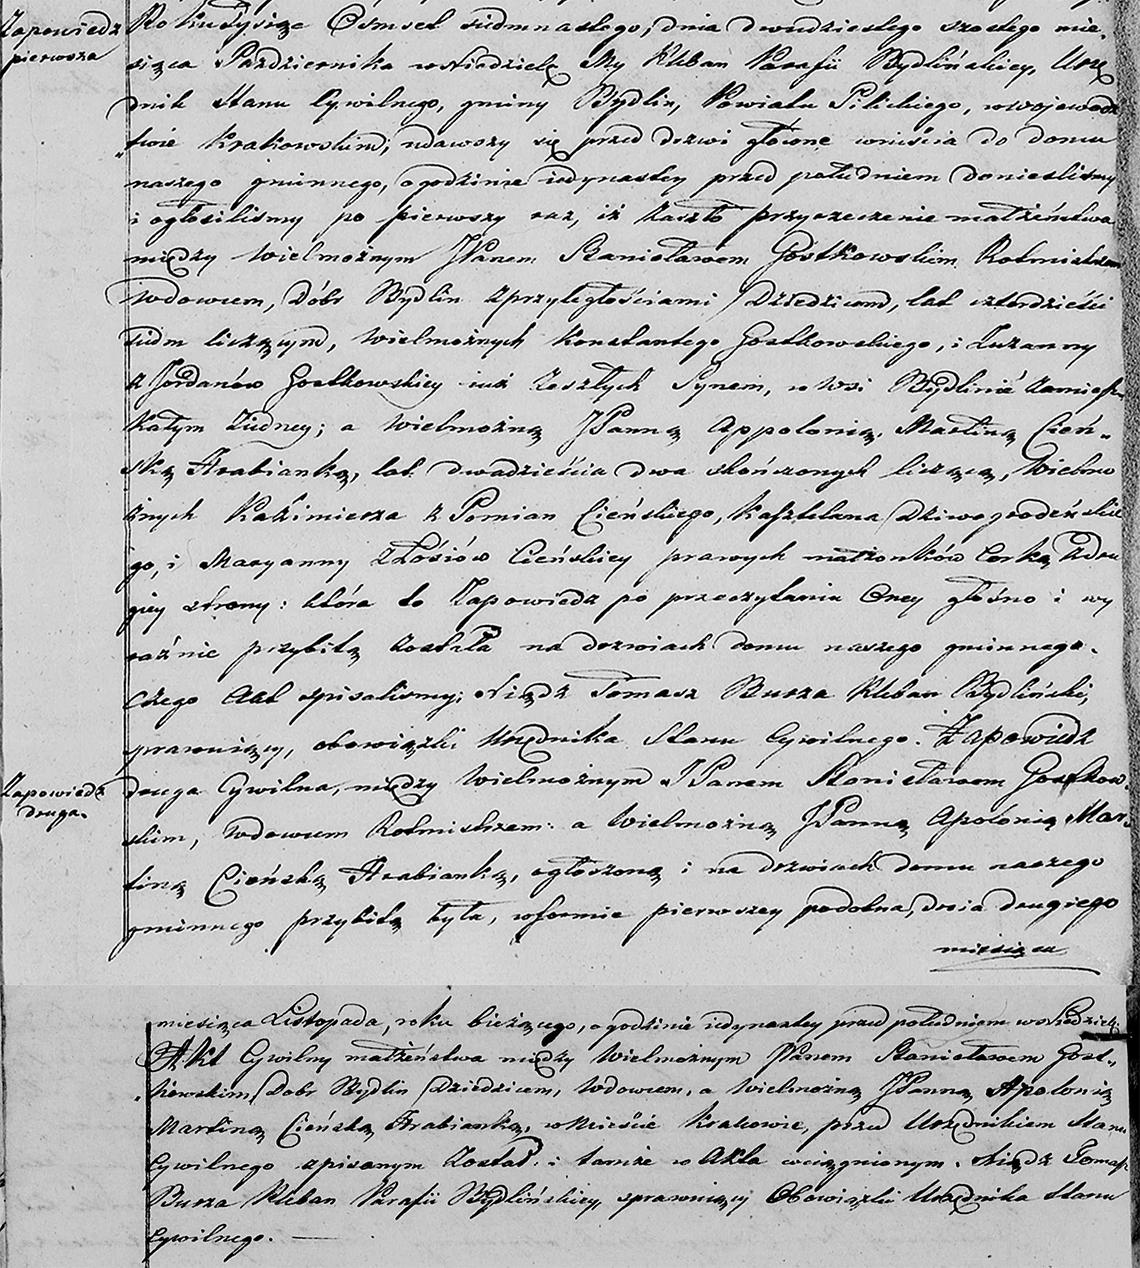 Stanisław Gostkowski & Appolonia Martina Cieński małż. 03.11.1817 r. (zapowiedzi - par. Bydlin 1817)